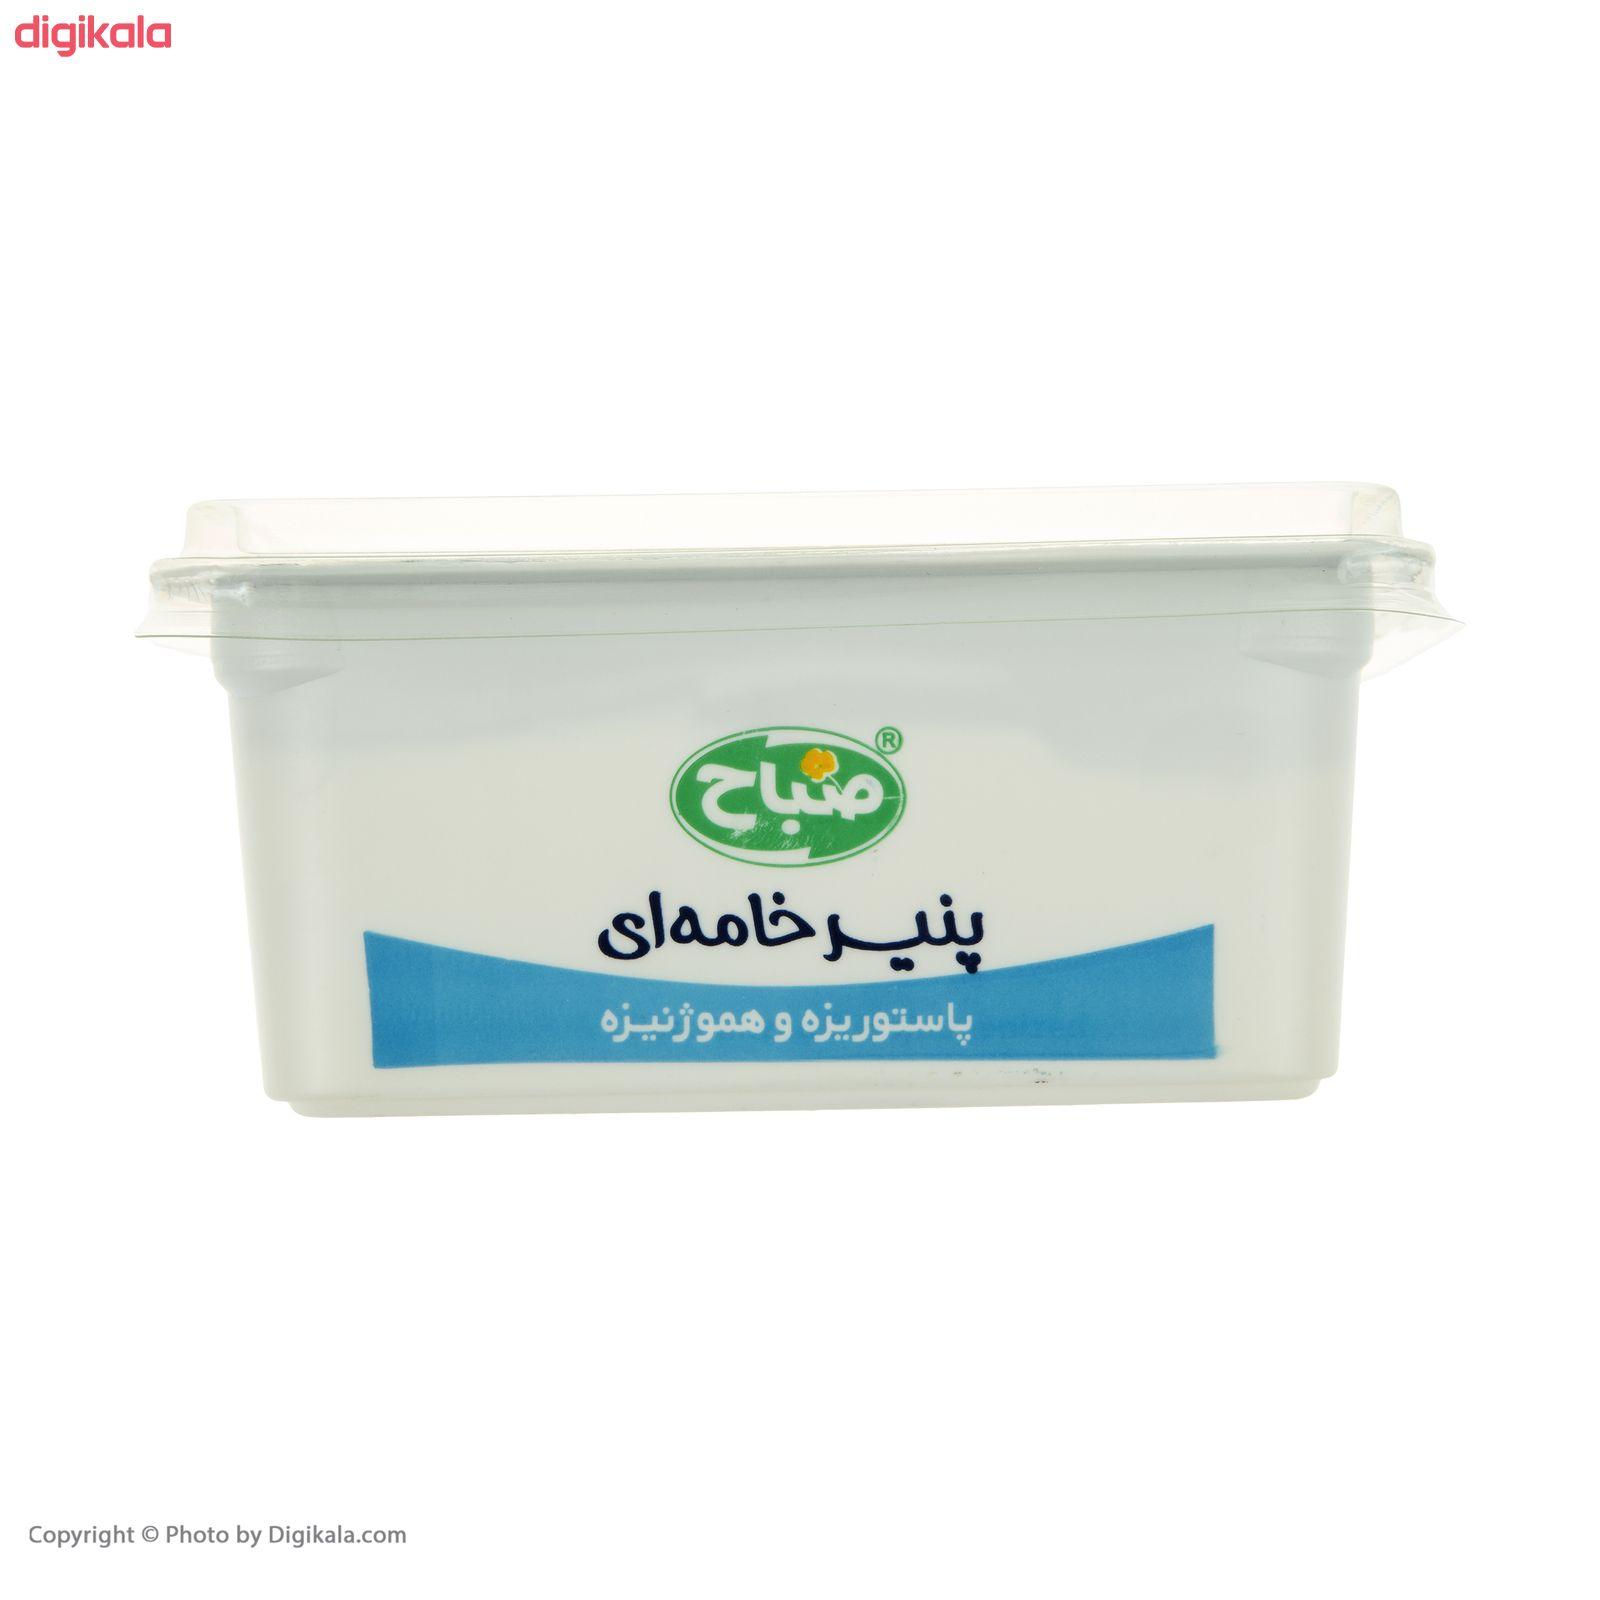 پنیر خامه ای صباح - 270 گرم  main 1 4